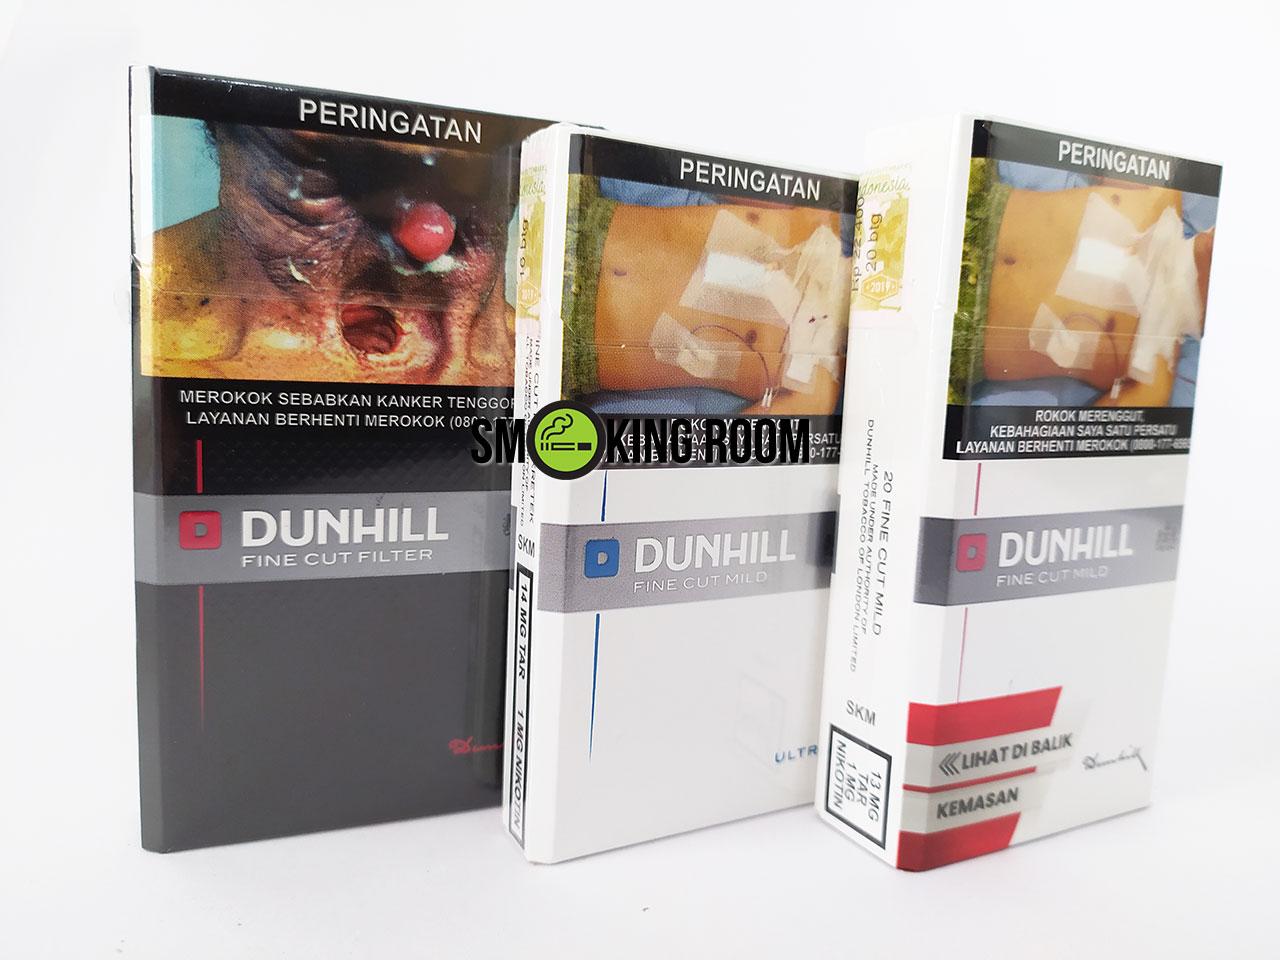 Dunhill Fine Cut Cigarettes